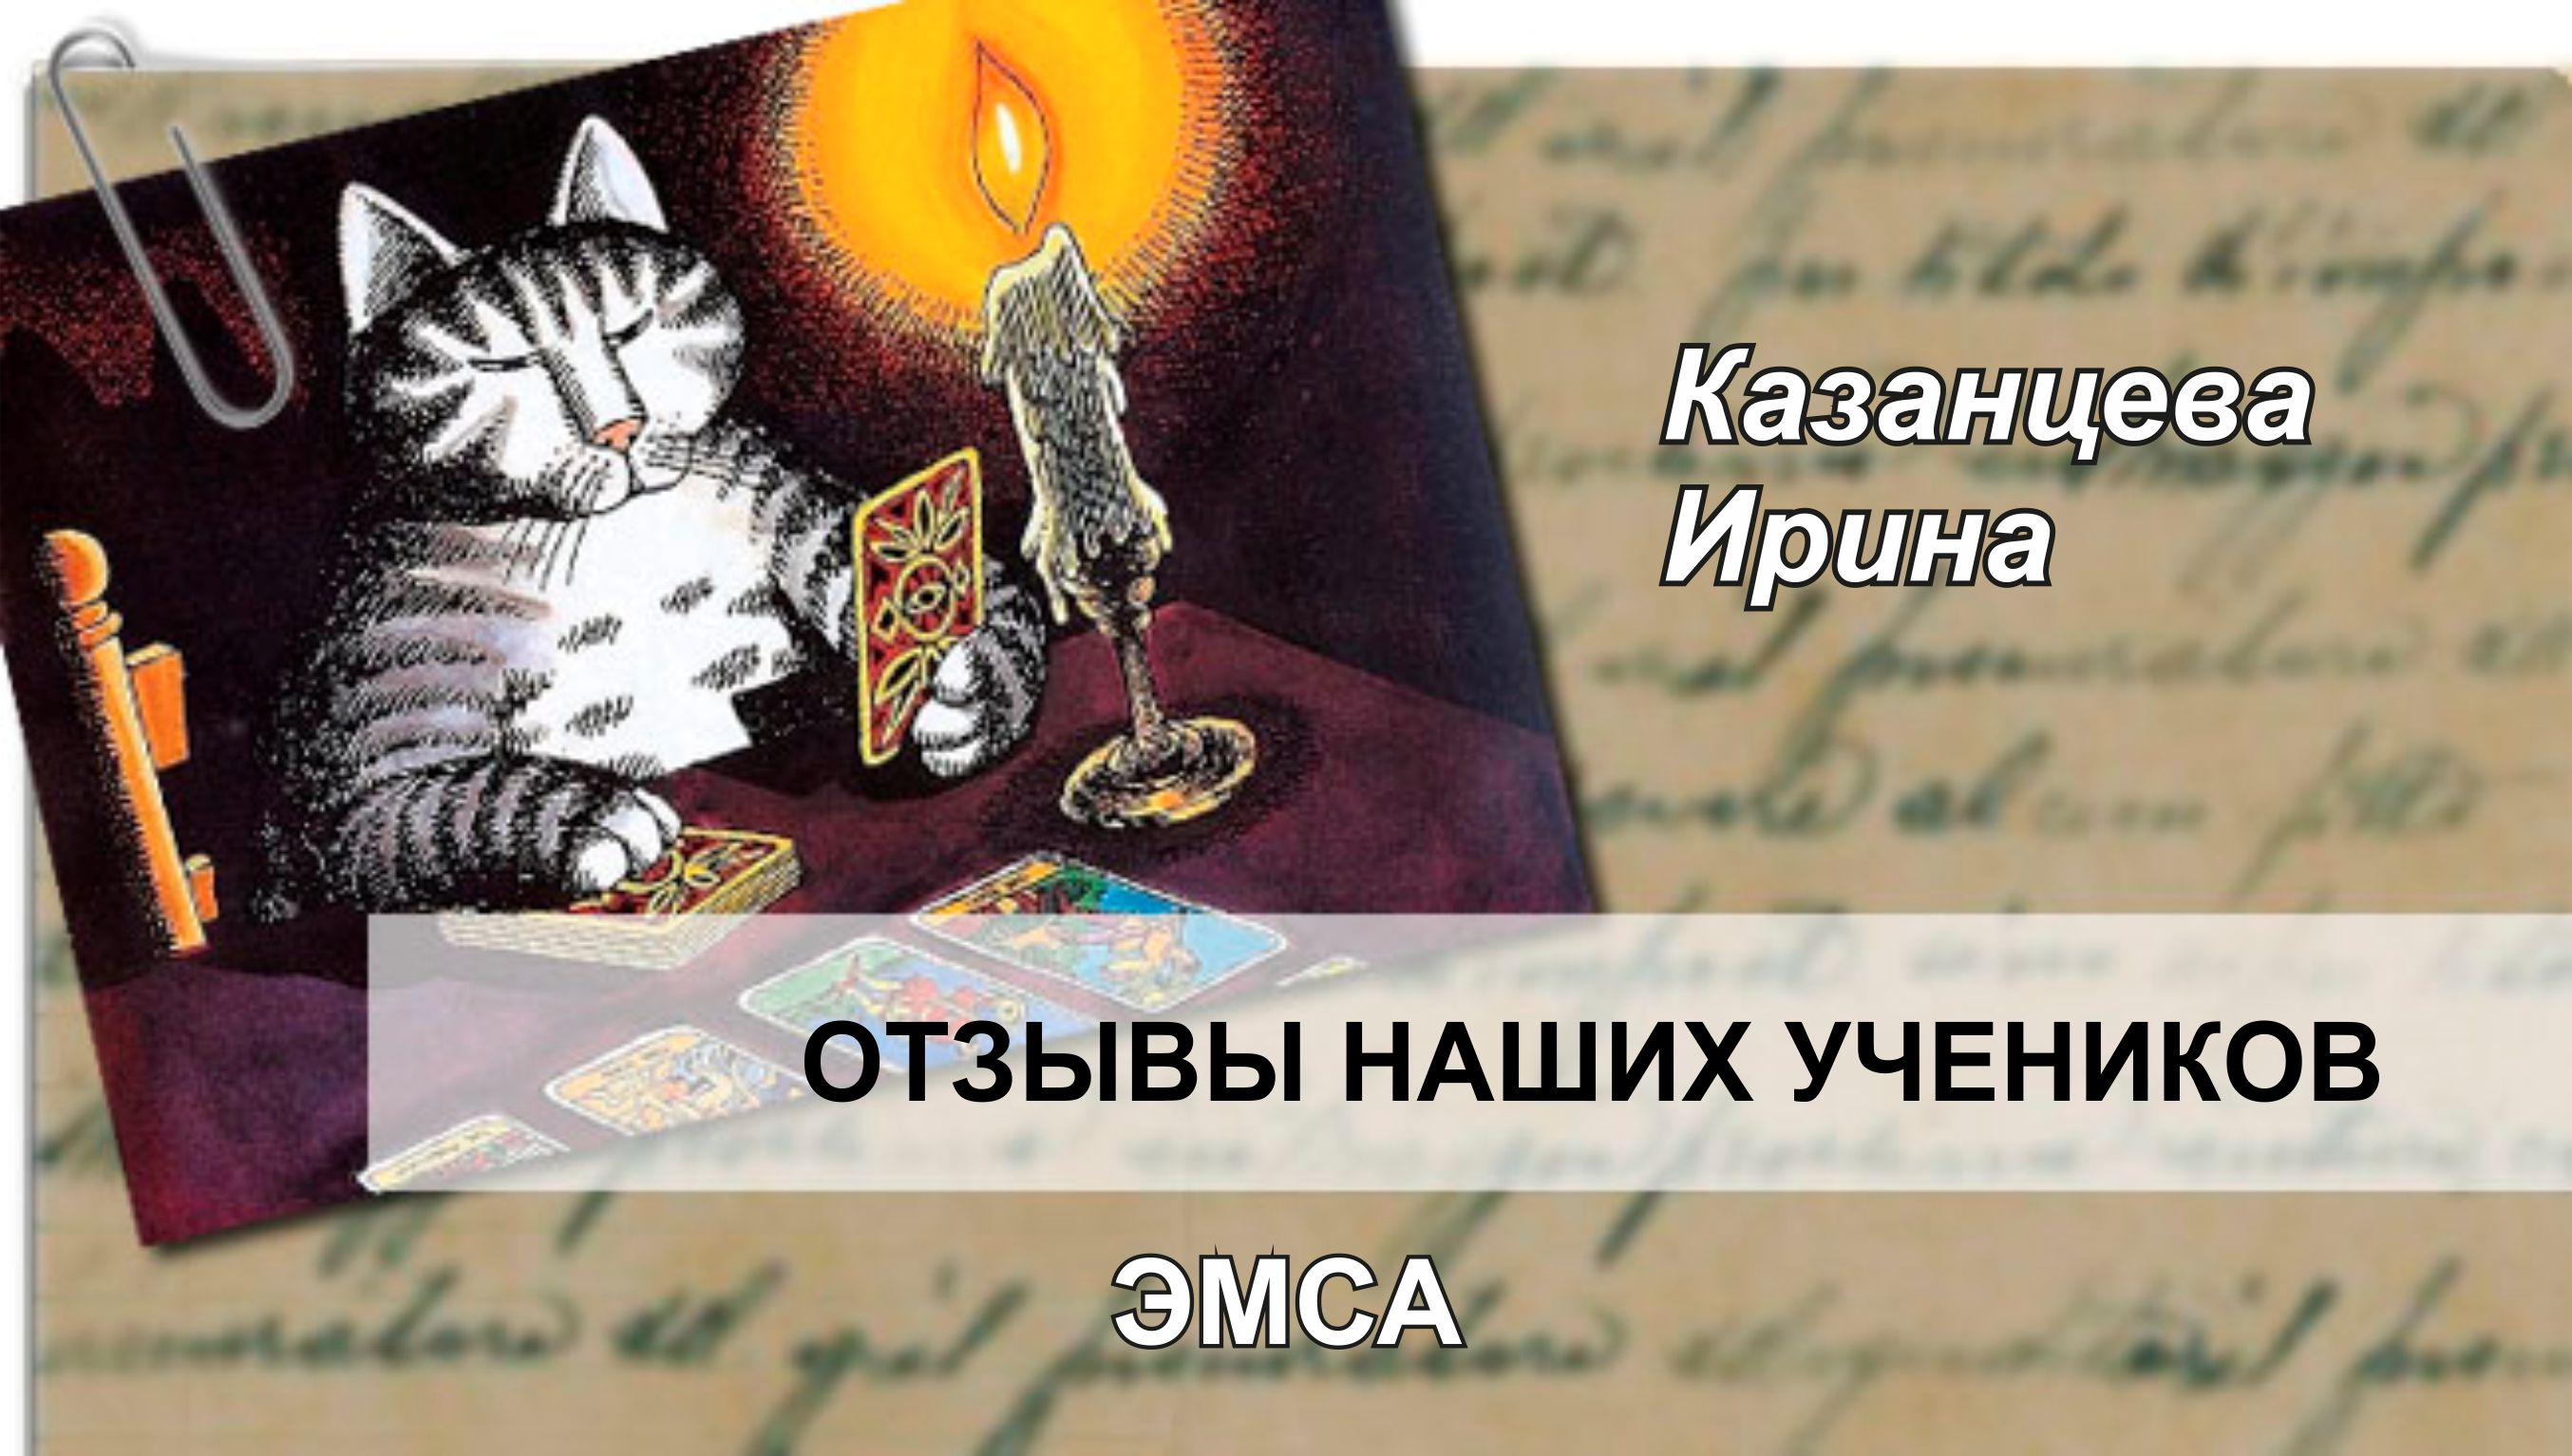 Казанцева Ирина делится впечатлениями после обучения в РШТ